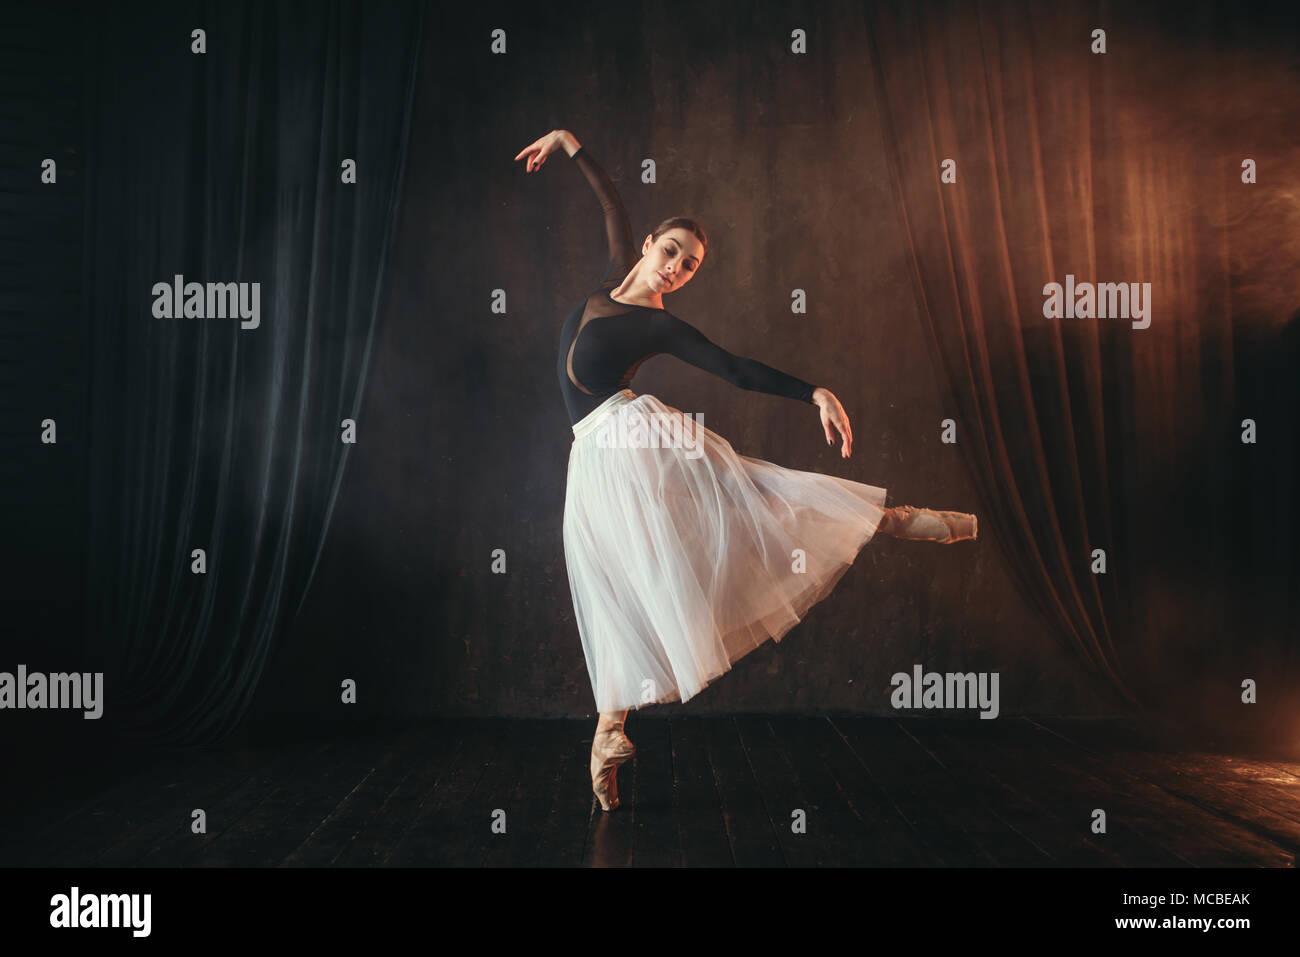 Danseuse de ballet classique en mouvement sur la scène Banque D'Images